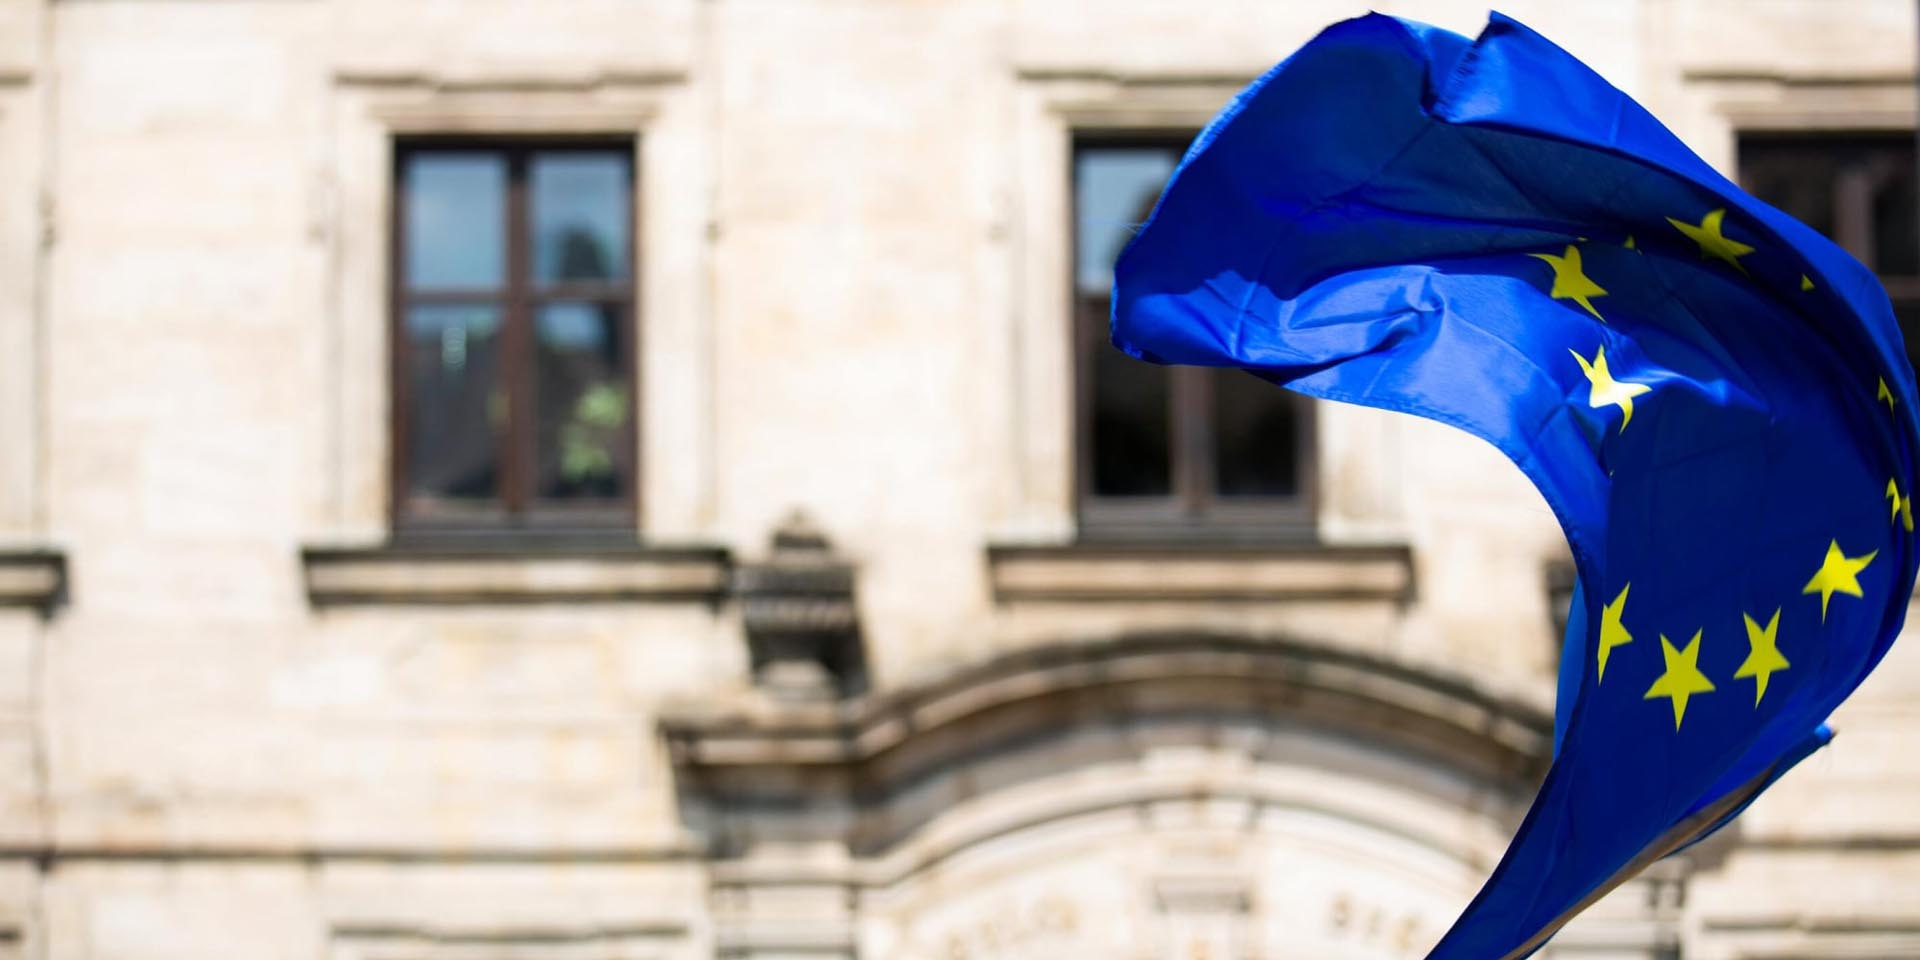 Europäische Flagge weht vor einem historischen Gebäude